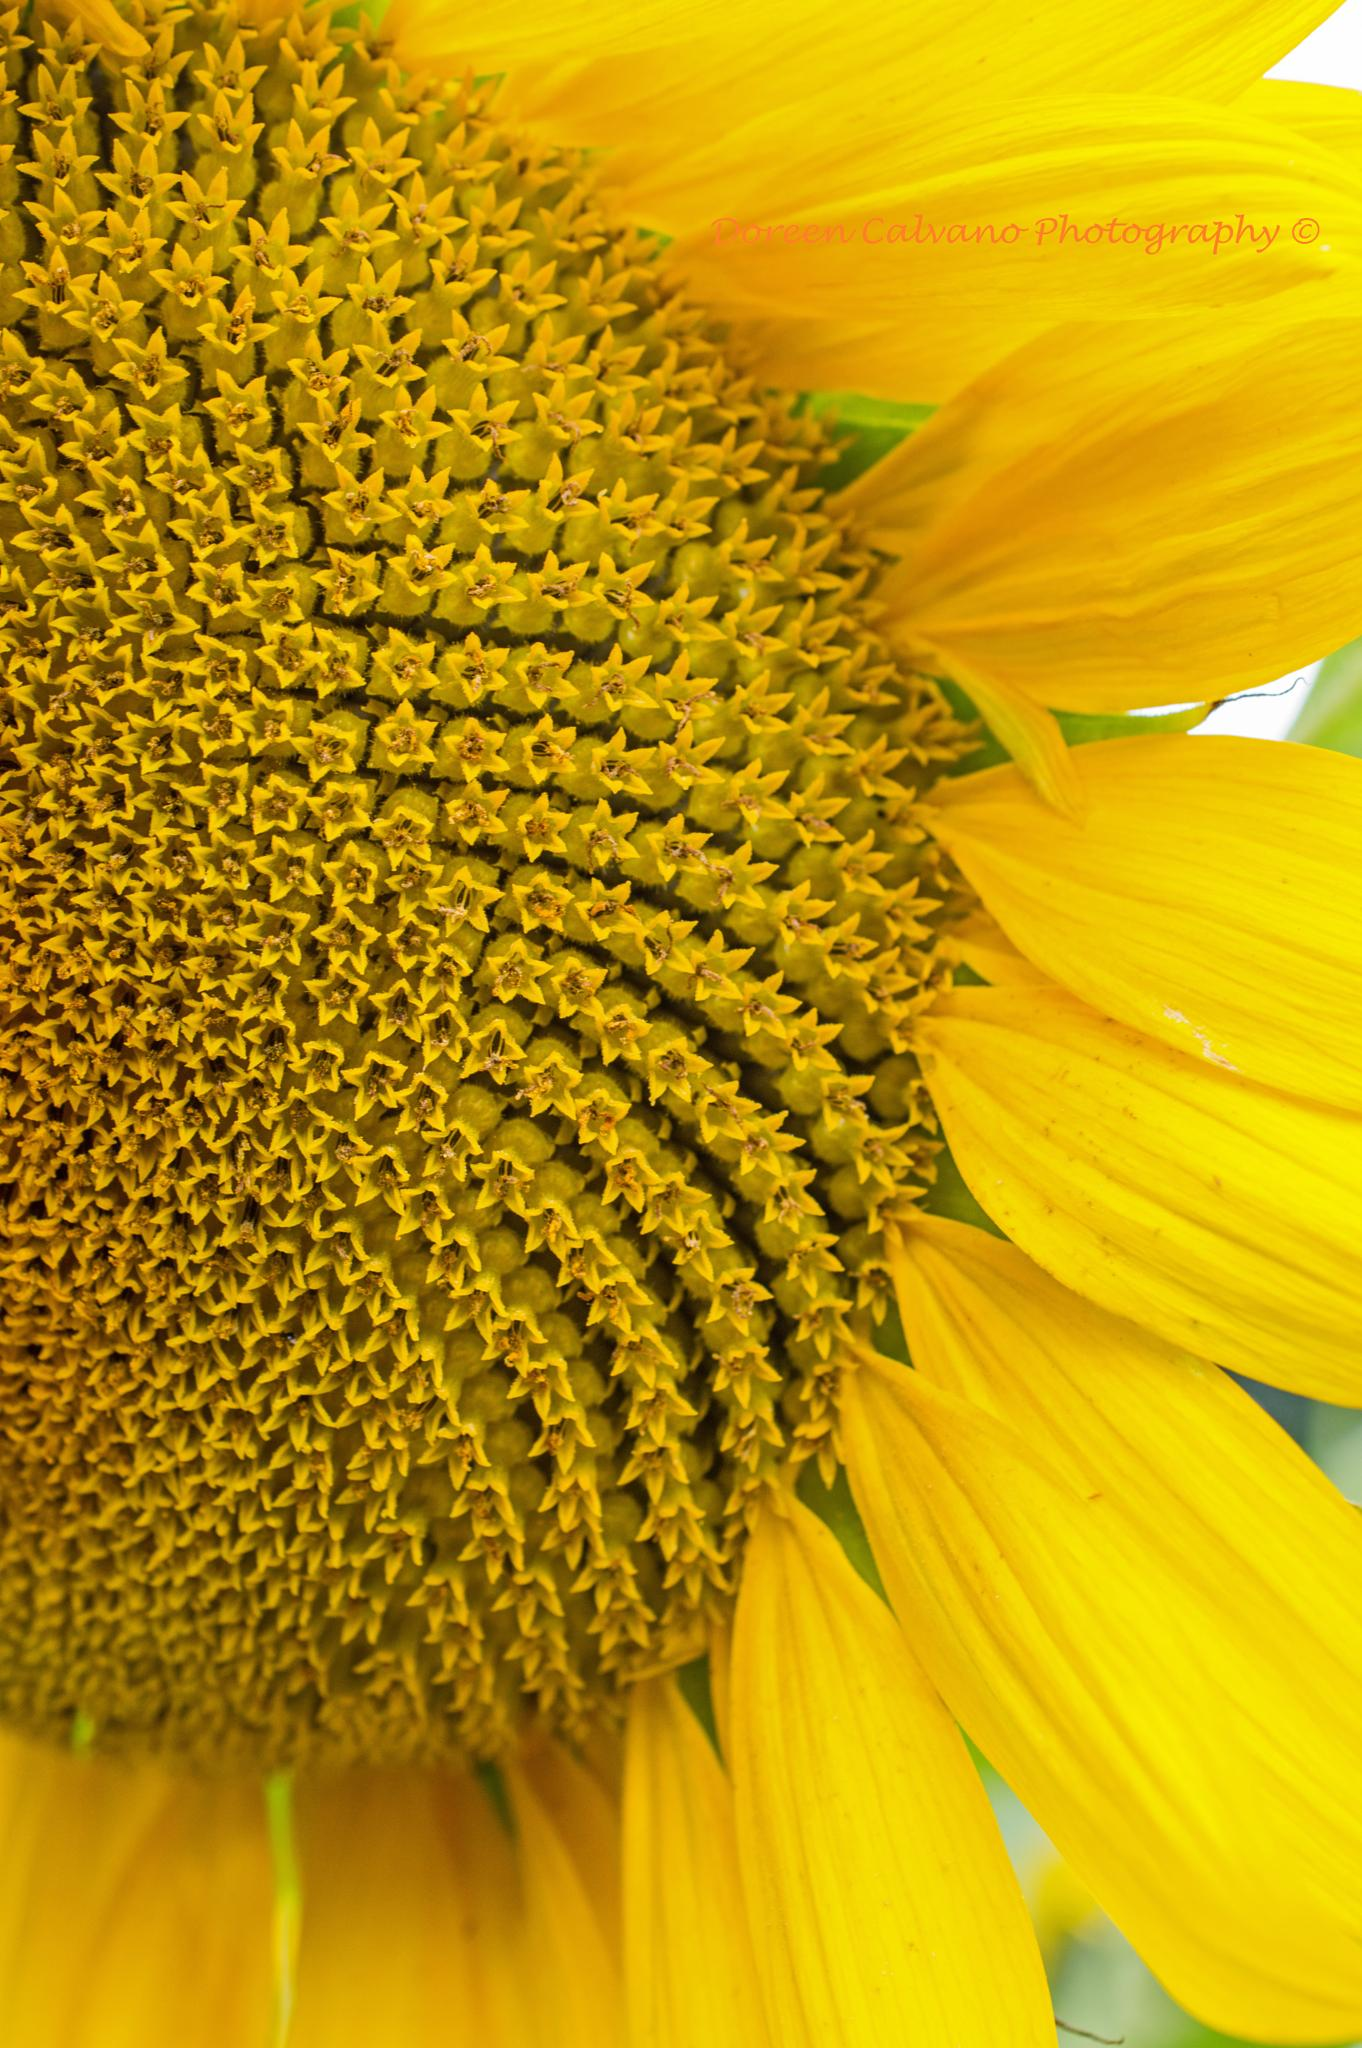 Sunflower Close-up by doreen.c.calvano